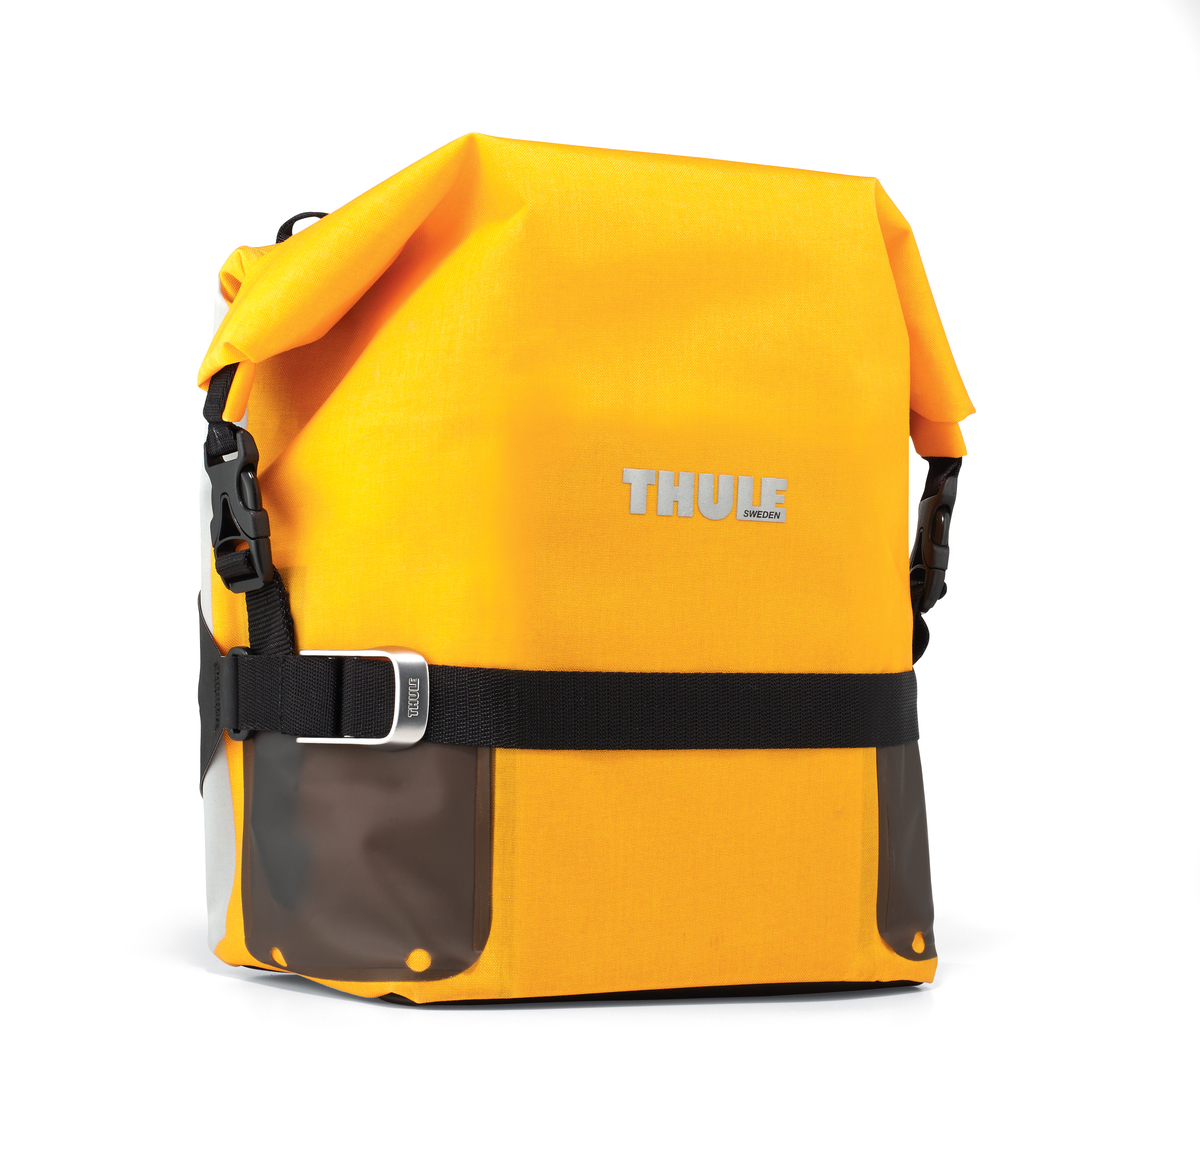 Сумка велосипедная Thule Pack n Pedal Small Adventure Touring Pannier, цвет: желтый, 29 x 12 x 51 смZ90 blackЛегкая, прочная и водонепроницаемая велосипедная сумка идеально подходит для установки сзади. Система крепления позволяет использовать сумку как на велосипеде, так и переносить ее отдельно. Крепления-невидимки легко отщелкиваются при переноске без велосипеда для максимального удобства переноски. Система крепления проста в использовании, безопасна и имеет малый уровень вибрации. Внешние прозрачные кармашки обеспечивают использование аварийного фонаря и хранение его в одном удобном месте. Водонепроницаемая сворачивающаяся/разворачивающаяся верхняя часть помогает сохранить вещи сухими. Светоотражающие полоски повышают заметность на дороге. Стягивающий ремень надежно сохраняет содержимое. Встроенные ручки и отстегиваемый ремень для ношения через плечо обеспечивают несколько вариантов переноски. Устанавливается с любой стороны велосипеда. Лучше всего подходит для багажников Thule, но может использоваться практически с любым велосипедным багажником.